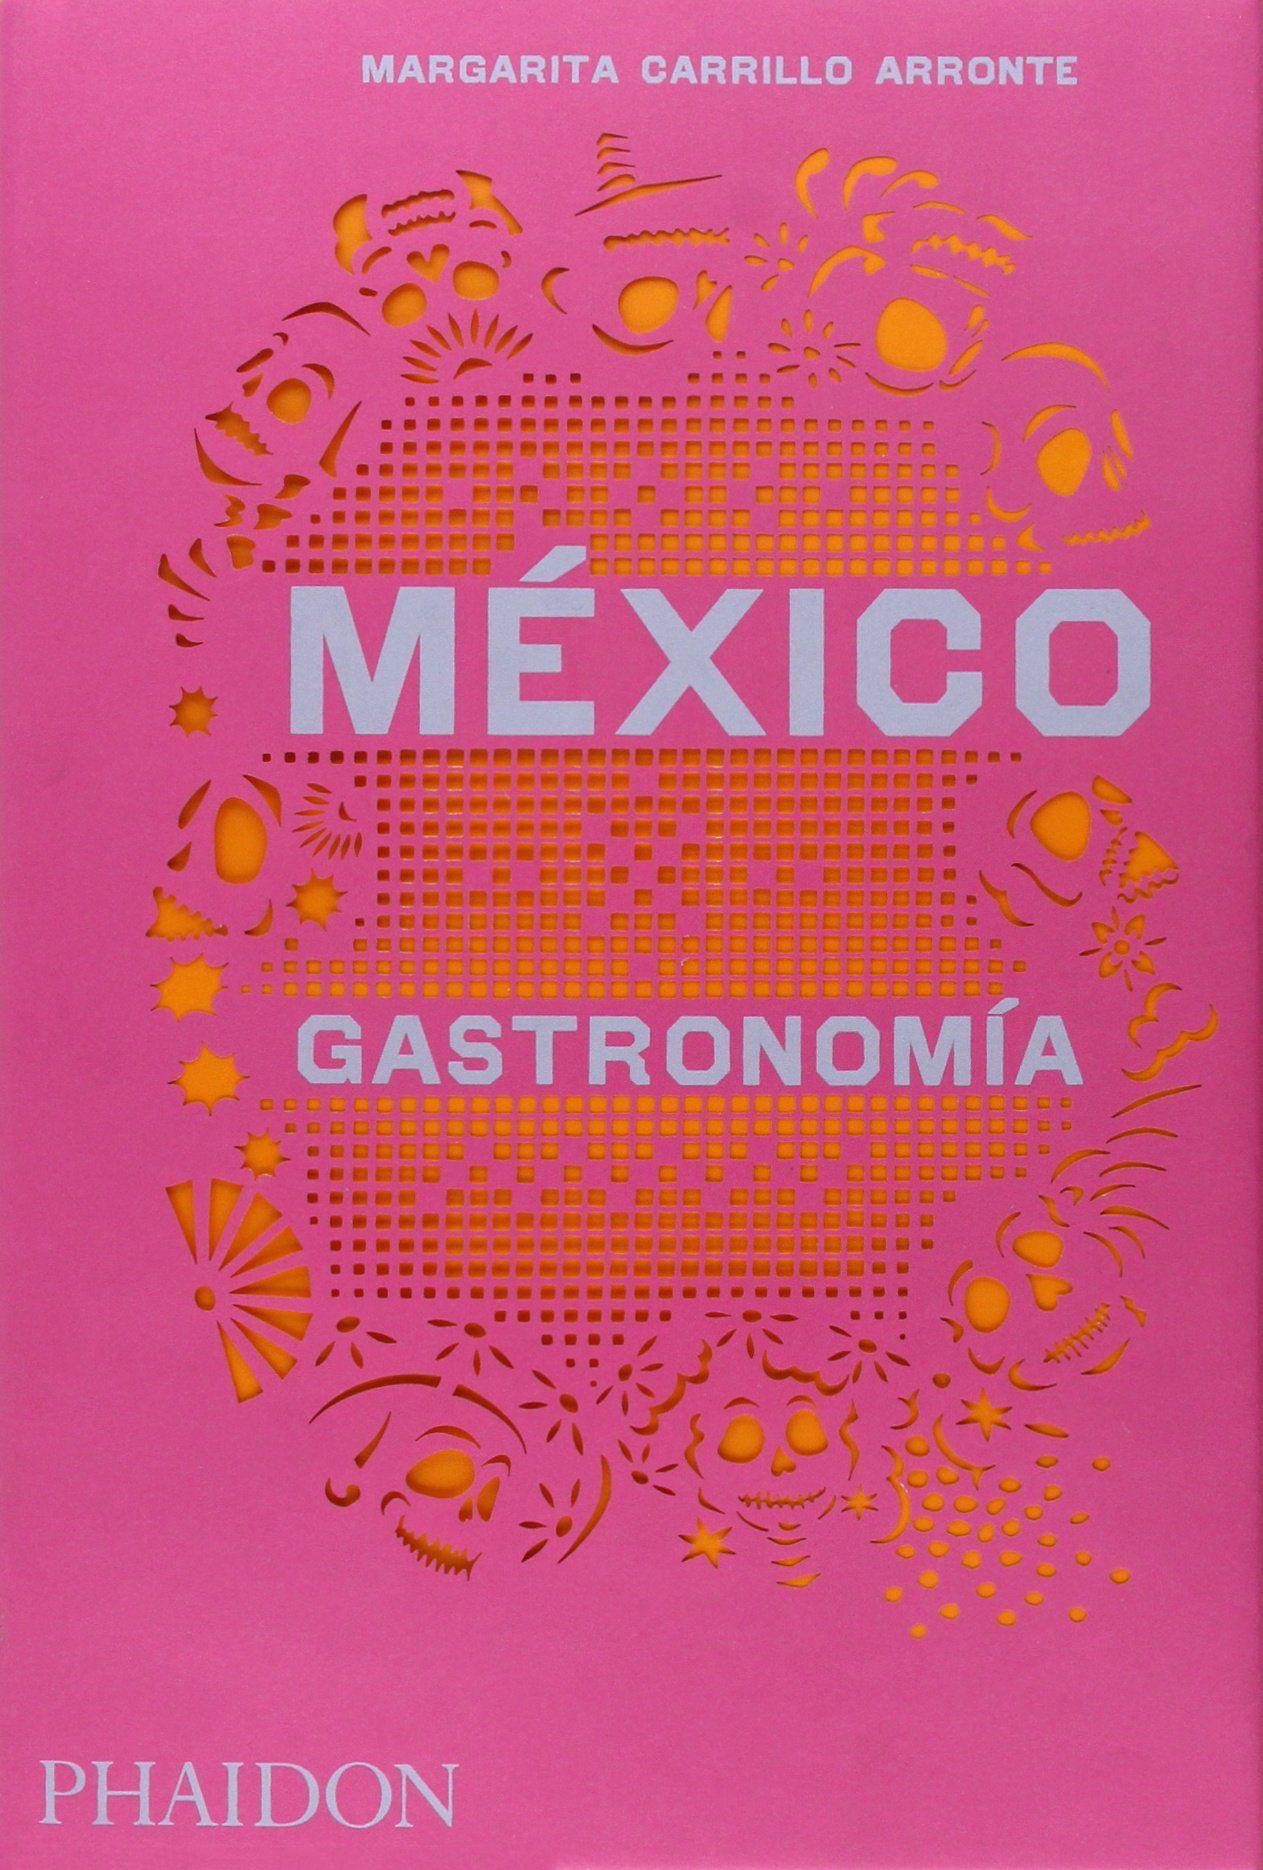 mexico gastronomia